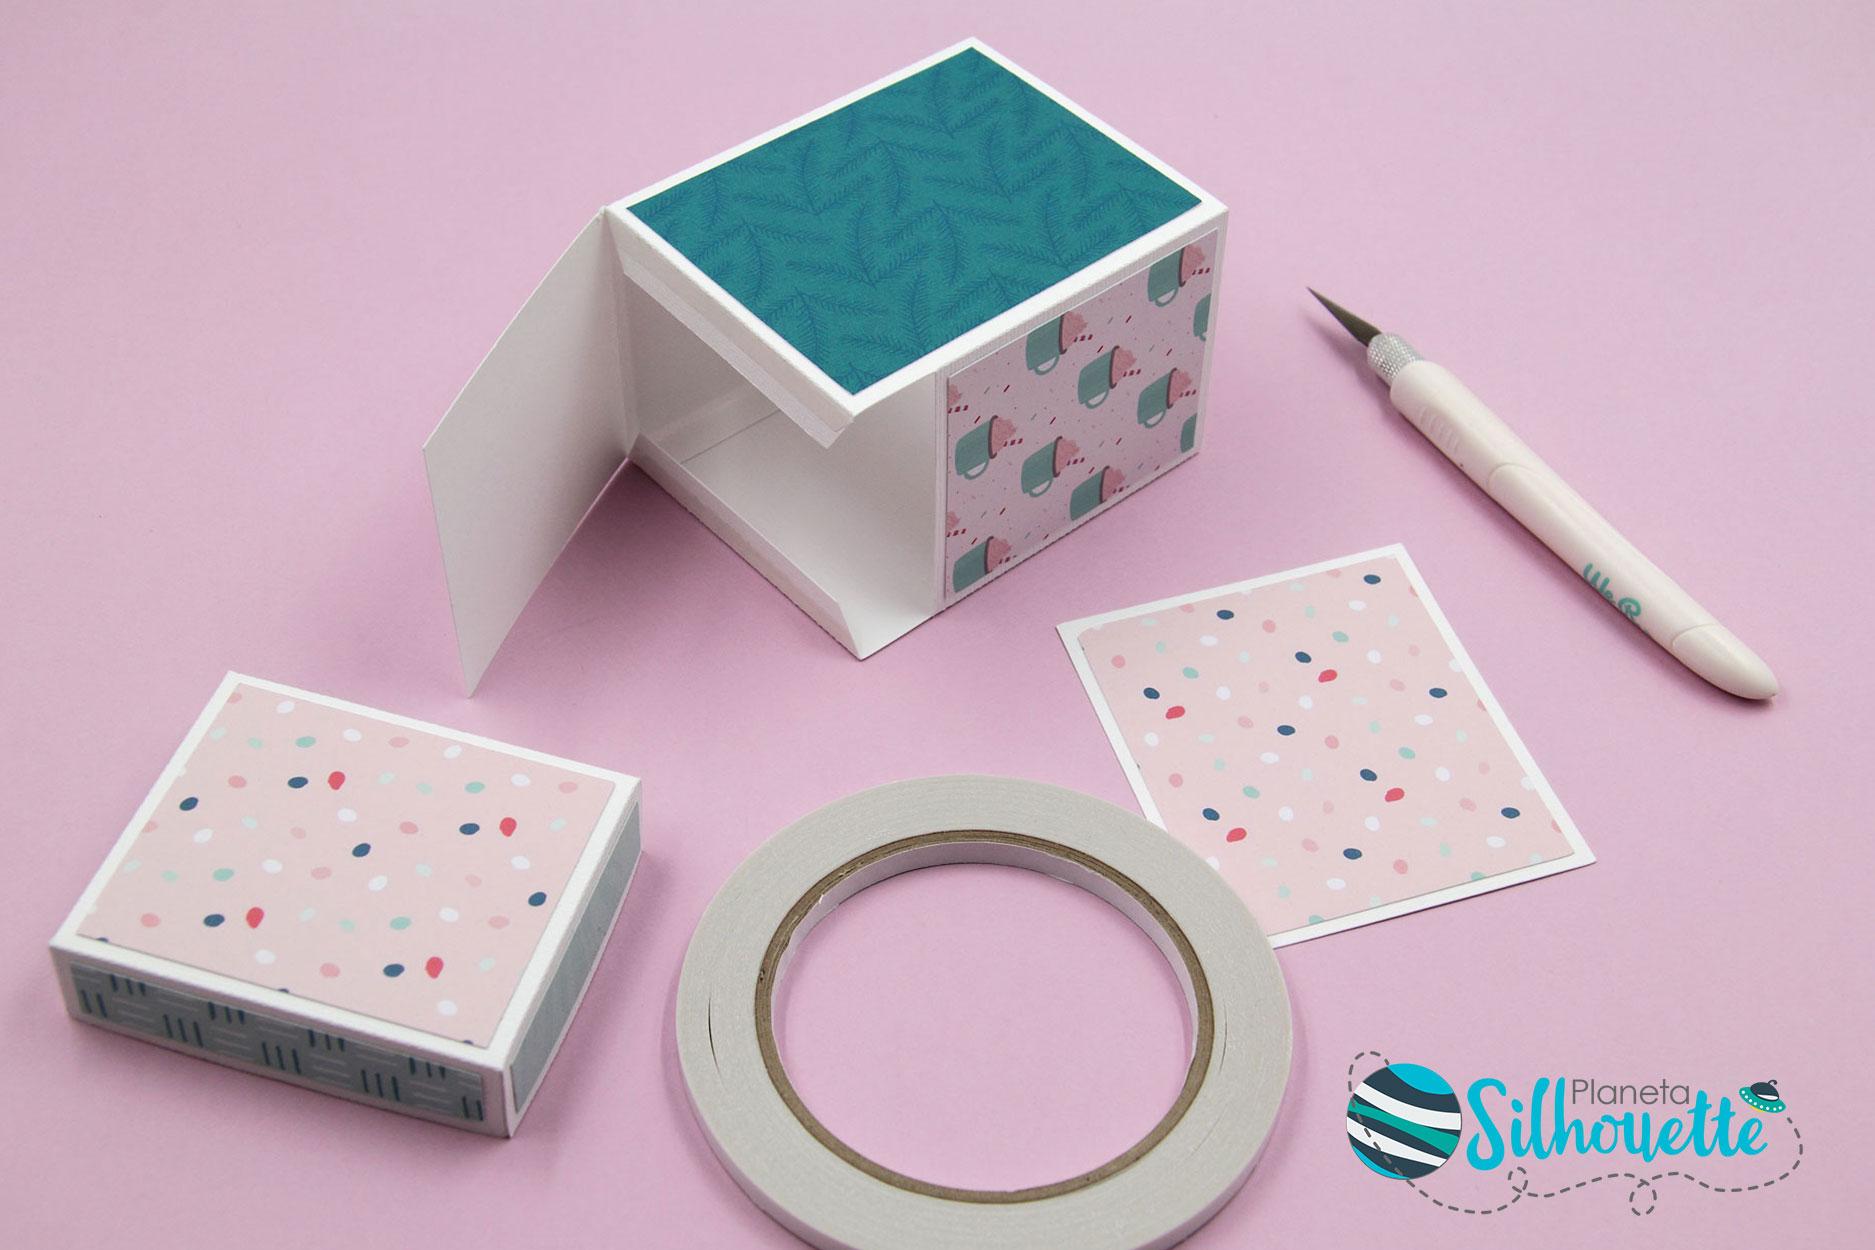 ebf025872 Pegamos la caja sobre la base, que ayudará a darle peso y estabilidad.